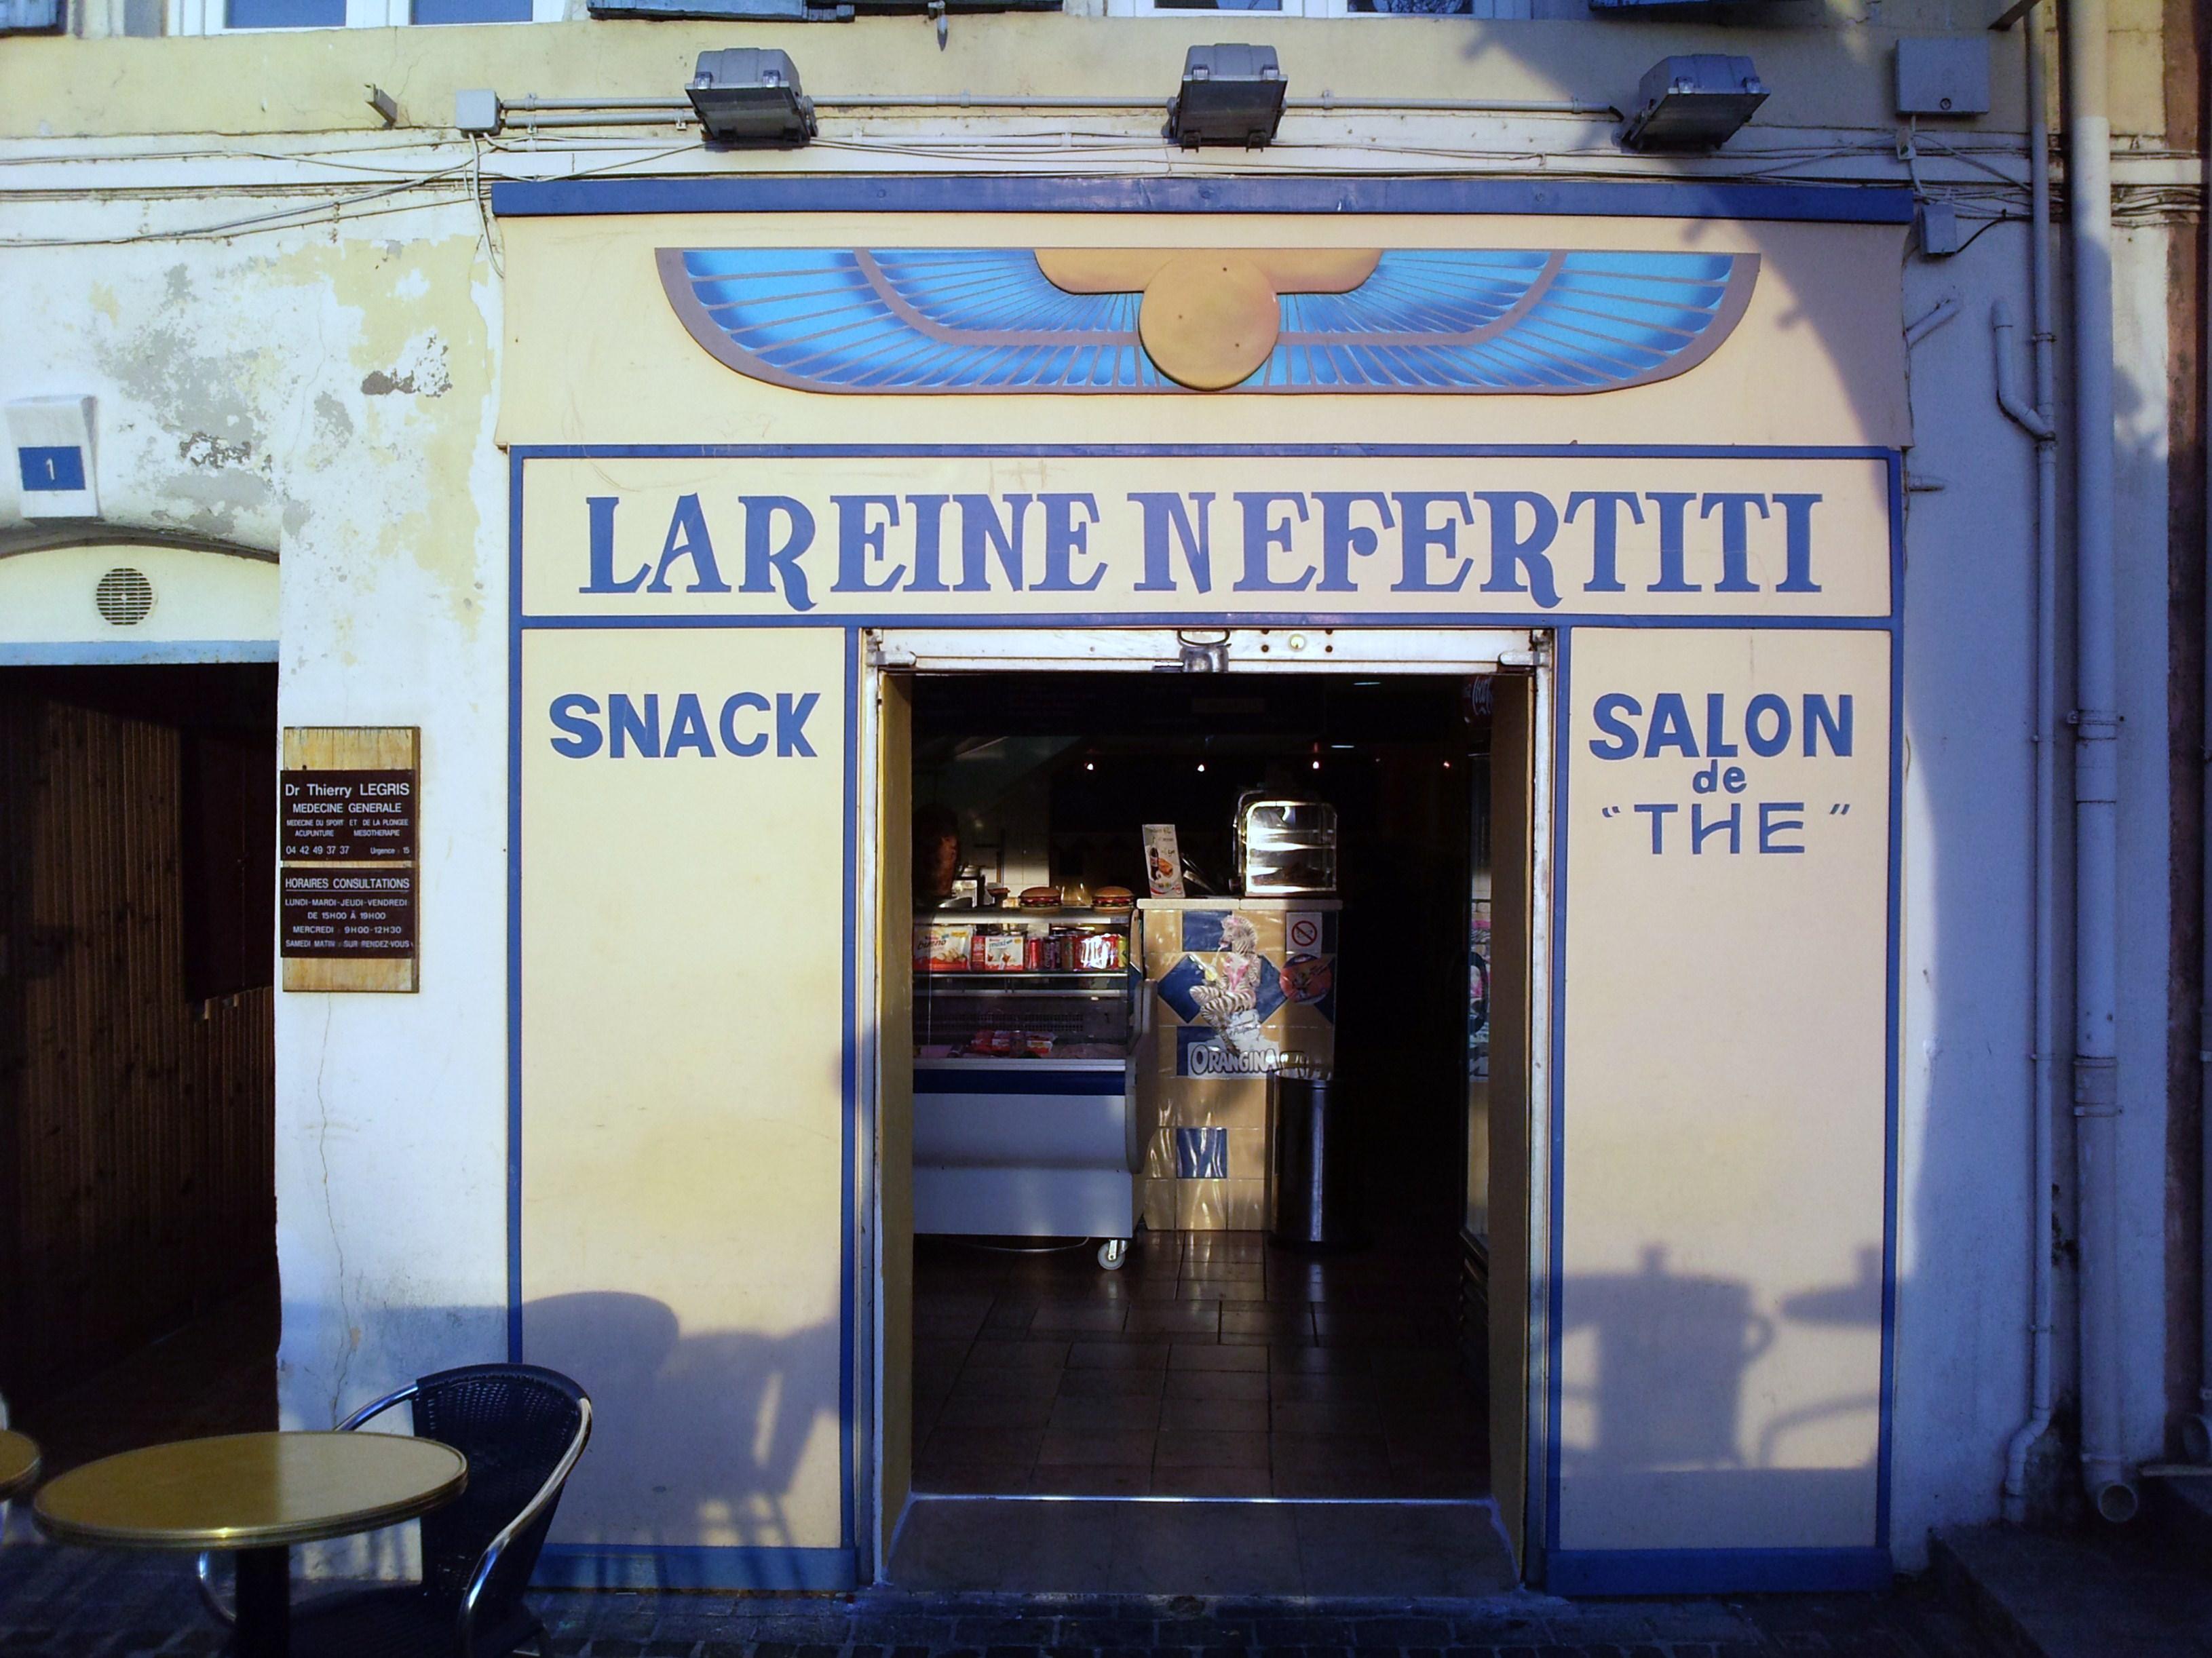 La Reine Nefertiti à Martigues